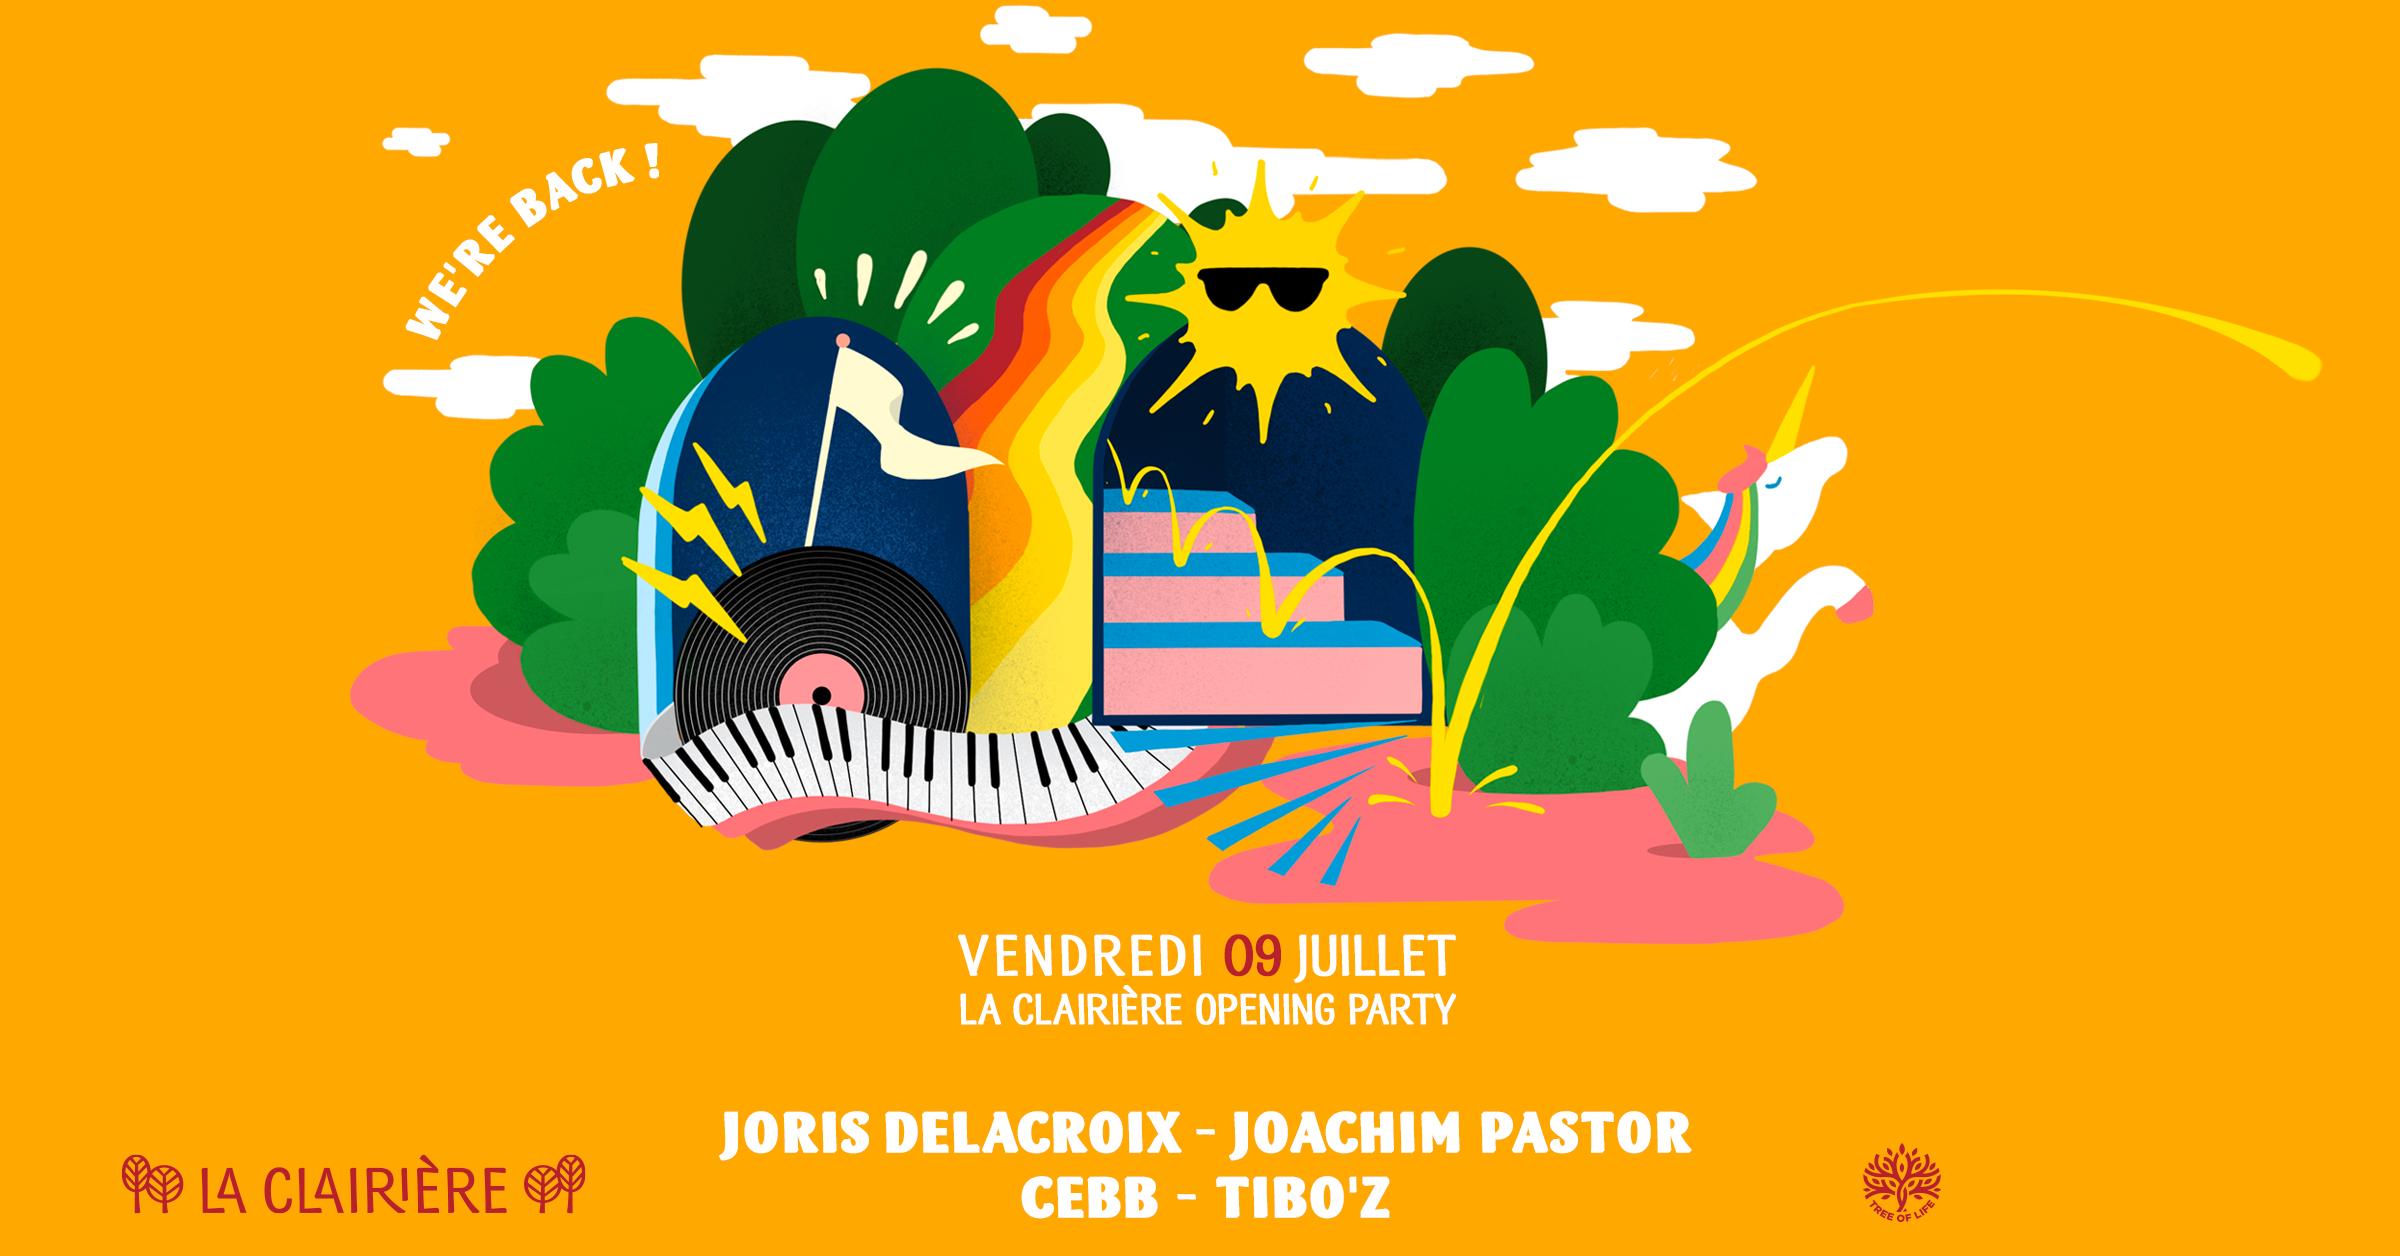 SOLD OUT! La Clairière : Joris Delacroix & Joachim Pastor